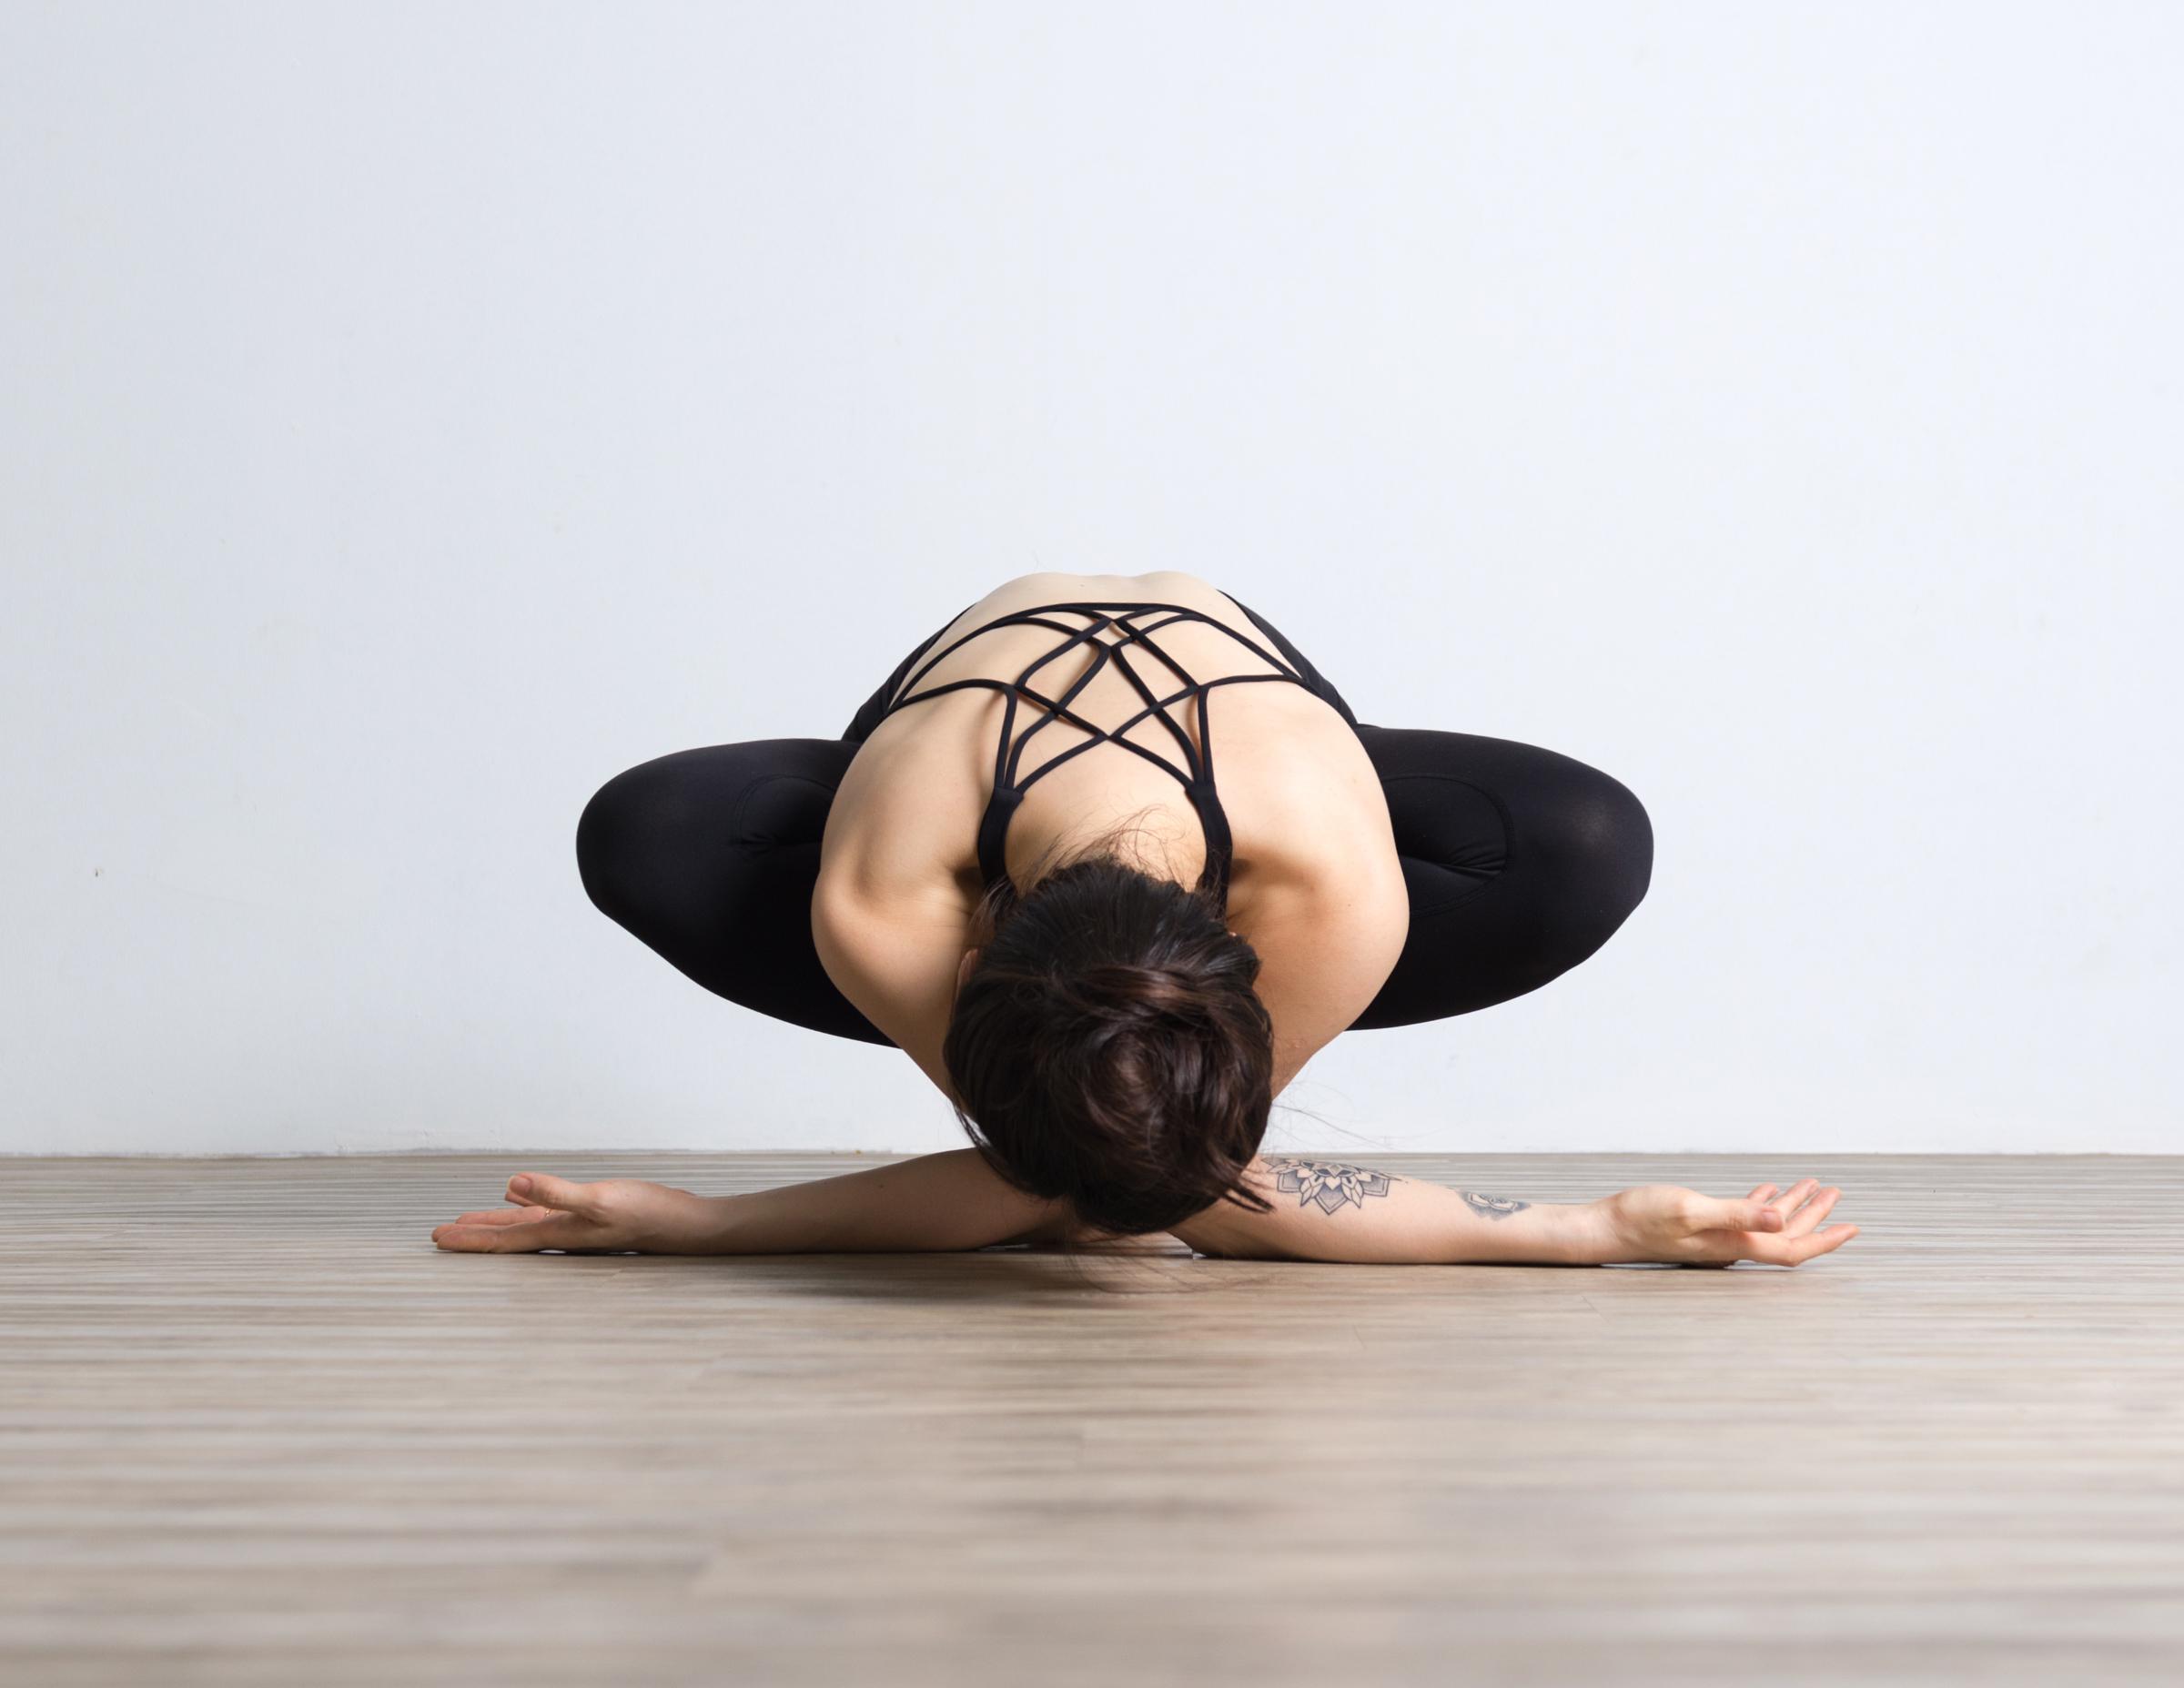 Rui in the Yoga Studio